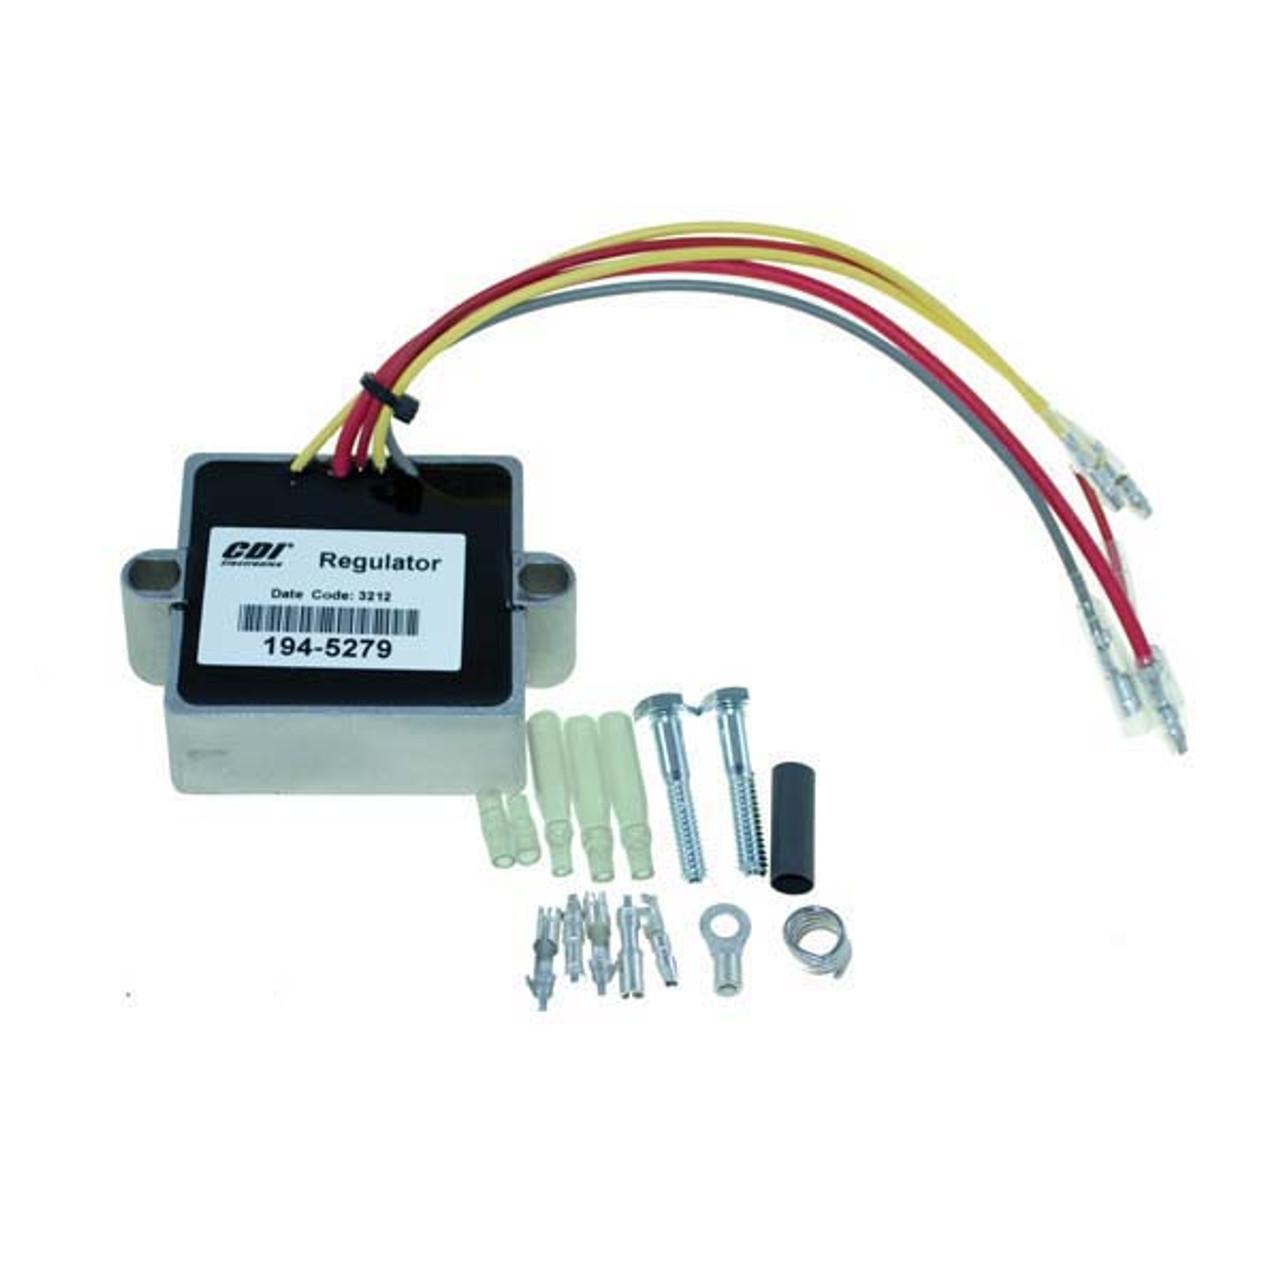 NTE923D IC régulateur de tension linéaire réglable 2-37 V 0.15 A DIP14 THT NTE Electr